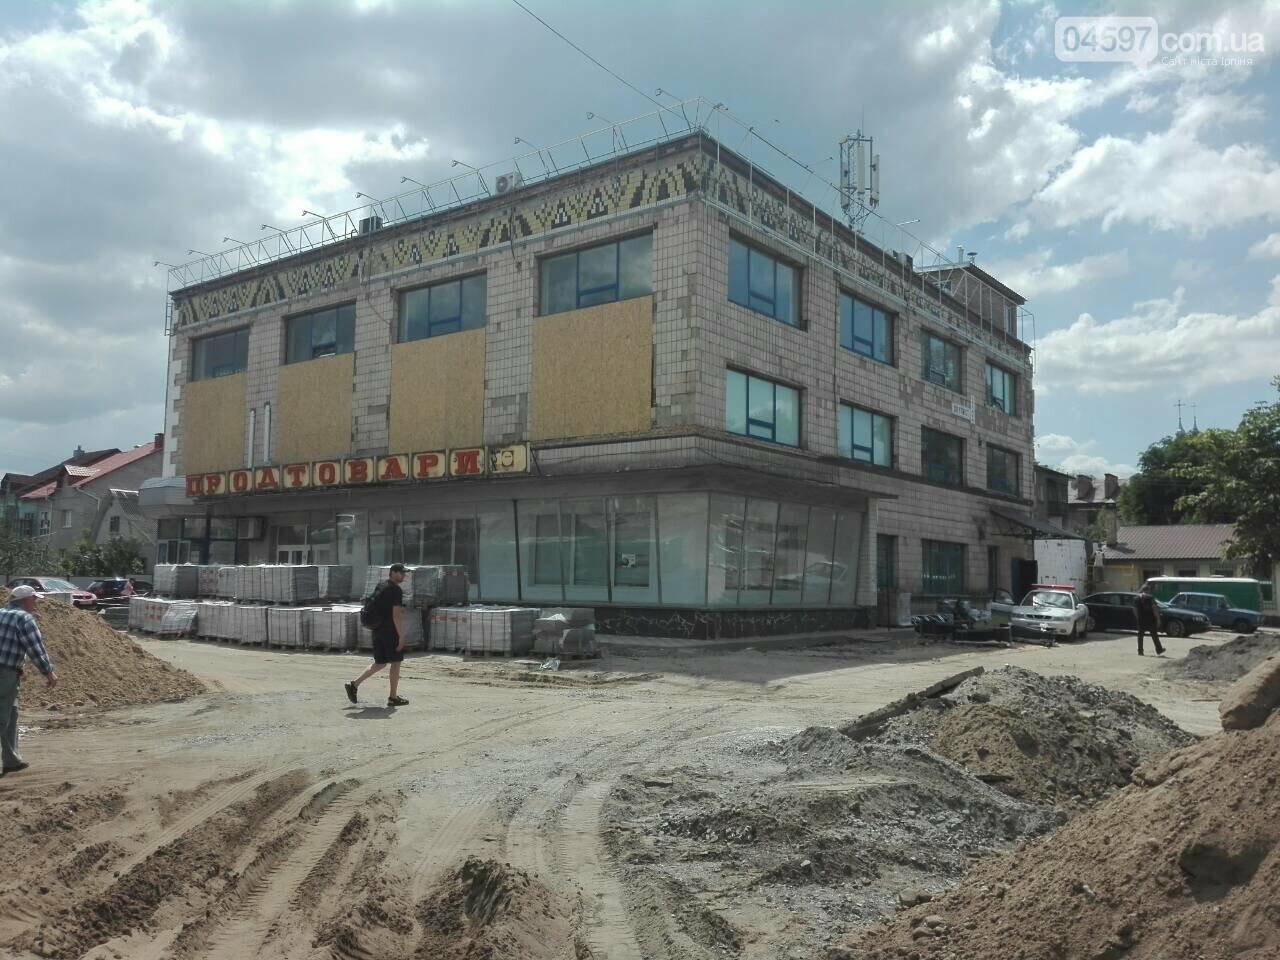 Еко-маркет та Дім доргівлі змінють фасад (Фотозвіт), фото-1